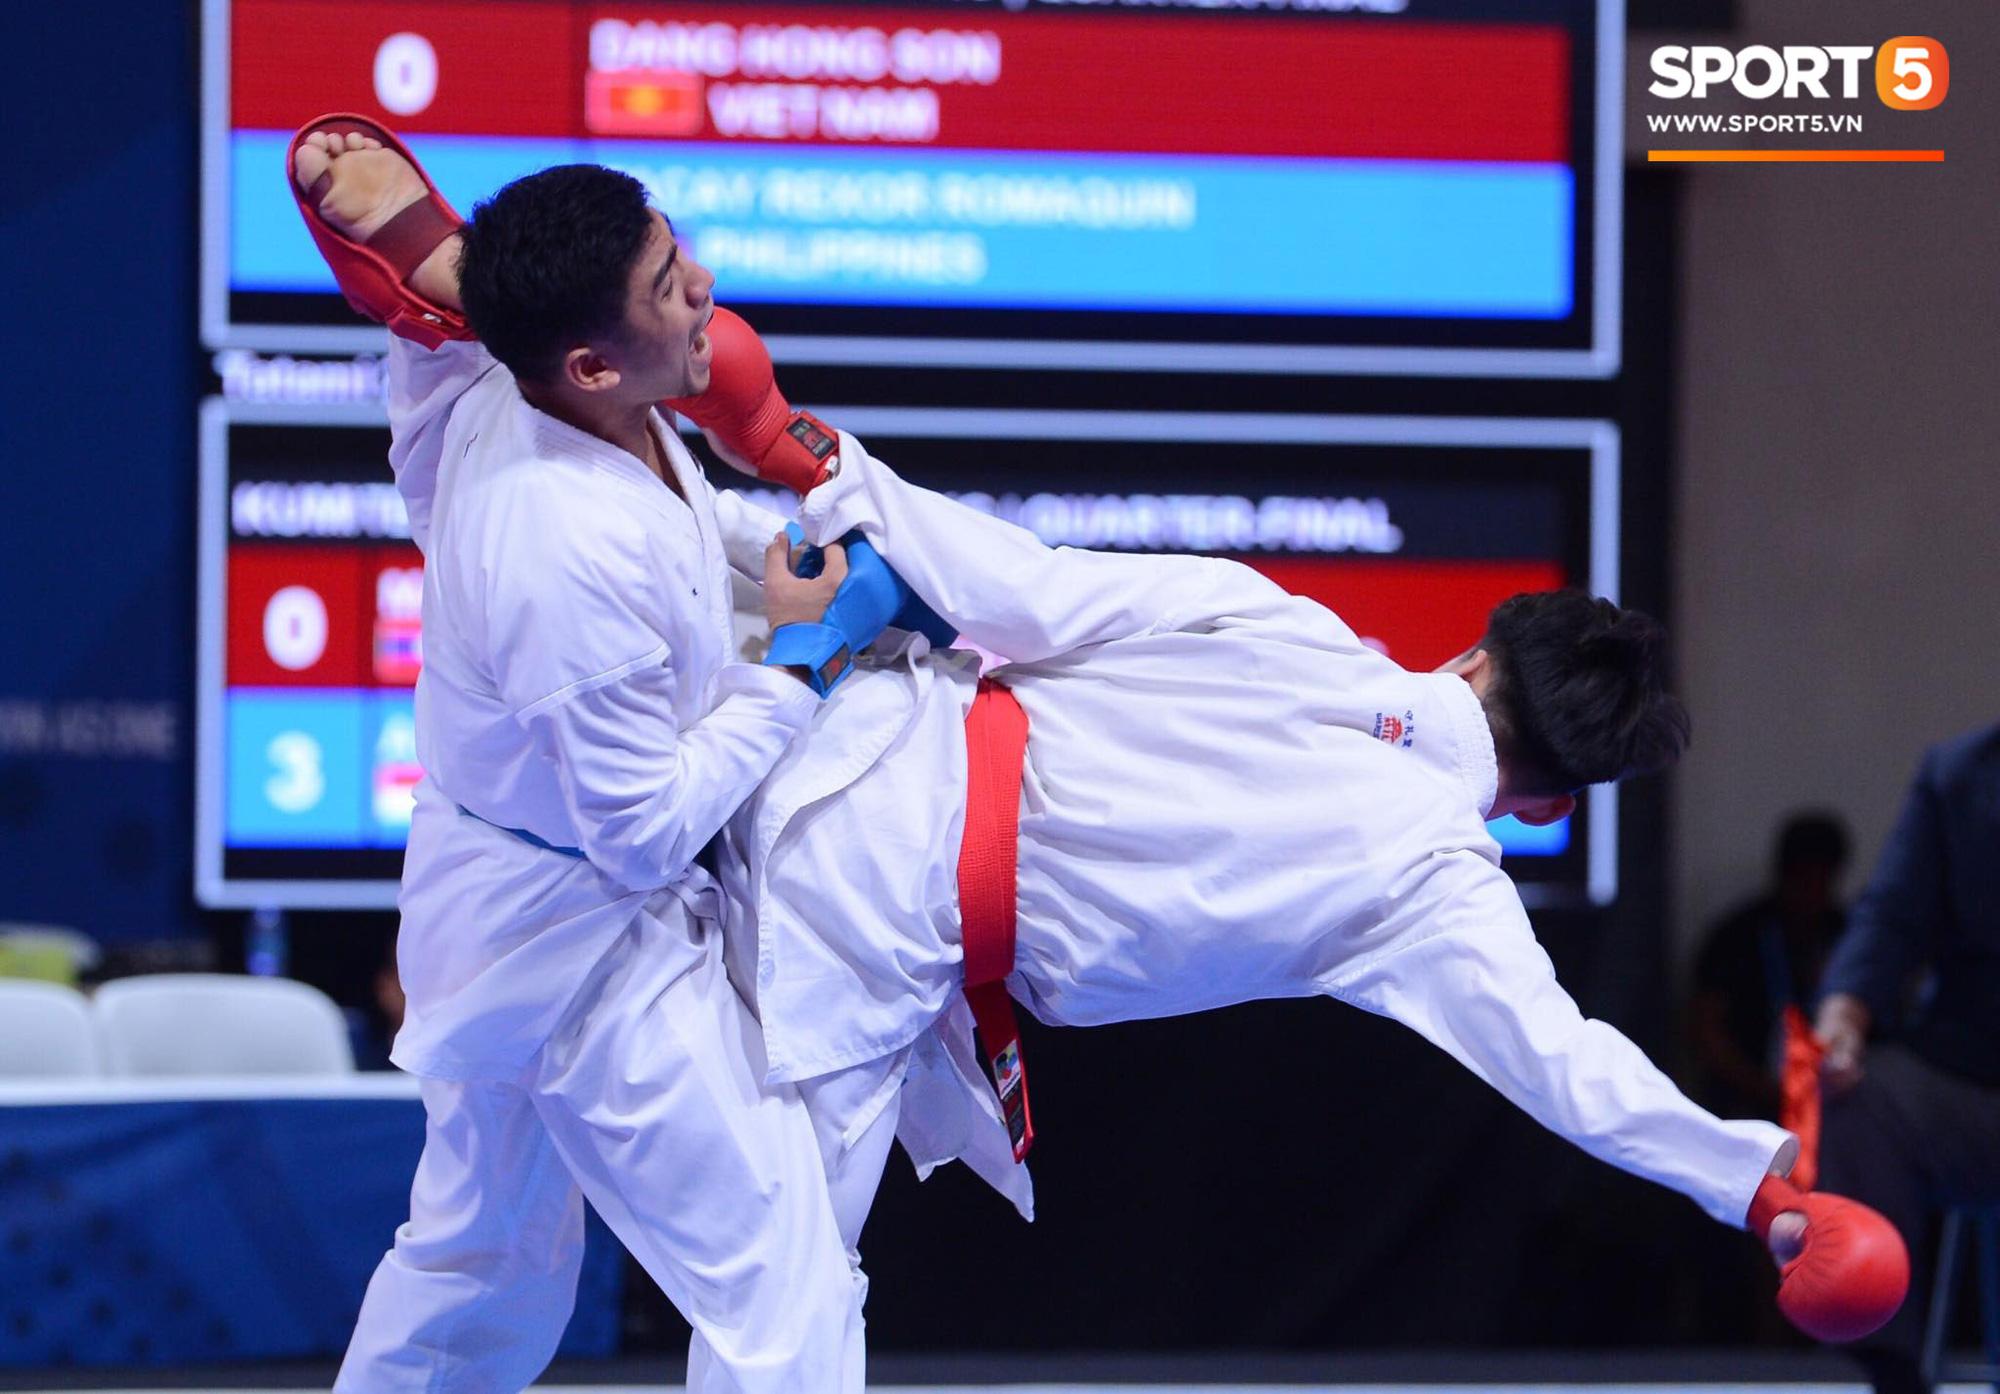 SEA Games ngày 8/12: Nữ hoàng điền kinh Tú Chinh vượt 2 VĐV nhập tịch trong tích tắc, xuất sắc giành HCV chung cuộc - Ảnh 61.